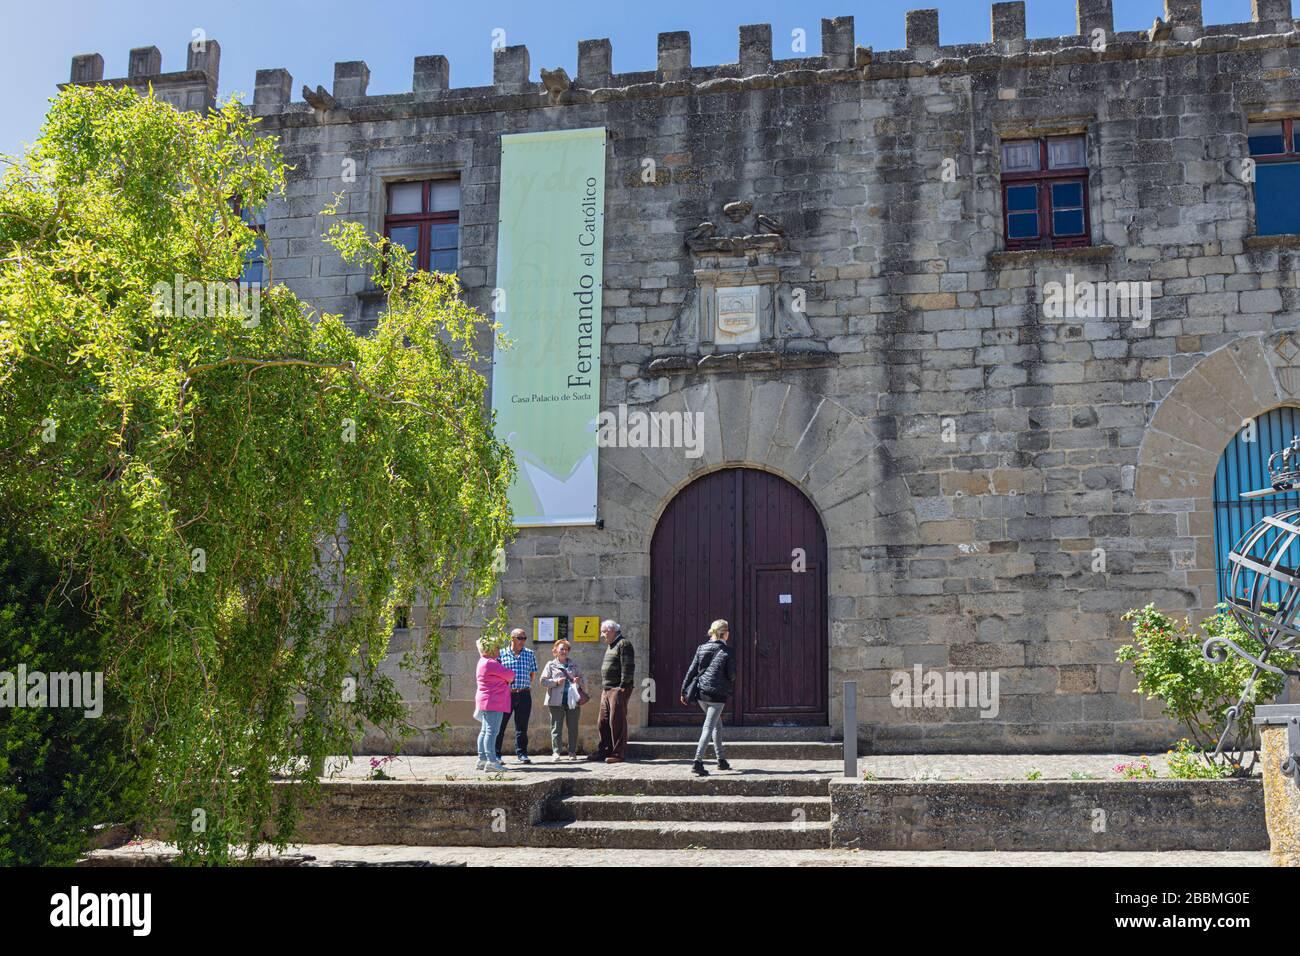 SOS del Rey Catolico, Provincia di Saragozza, Aragona, Spagna. Palacio de los Sada, considerato il luogo di nascita nel 1452 di Ferdinando II d'Aragona che fa beco Foto Stock